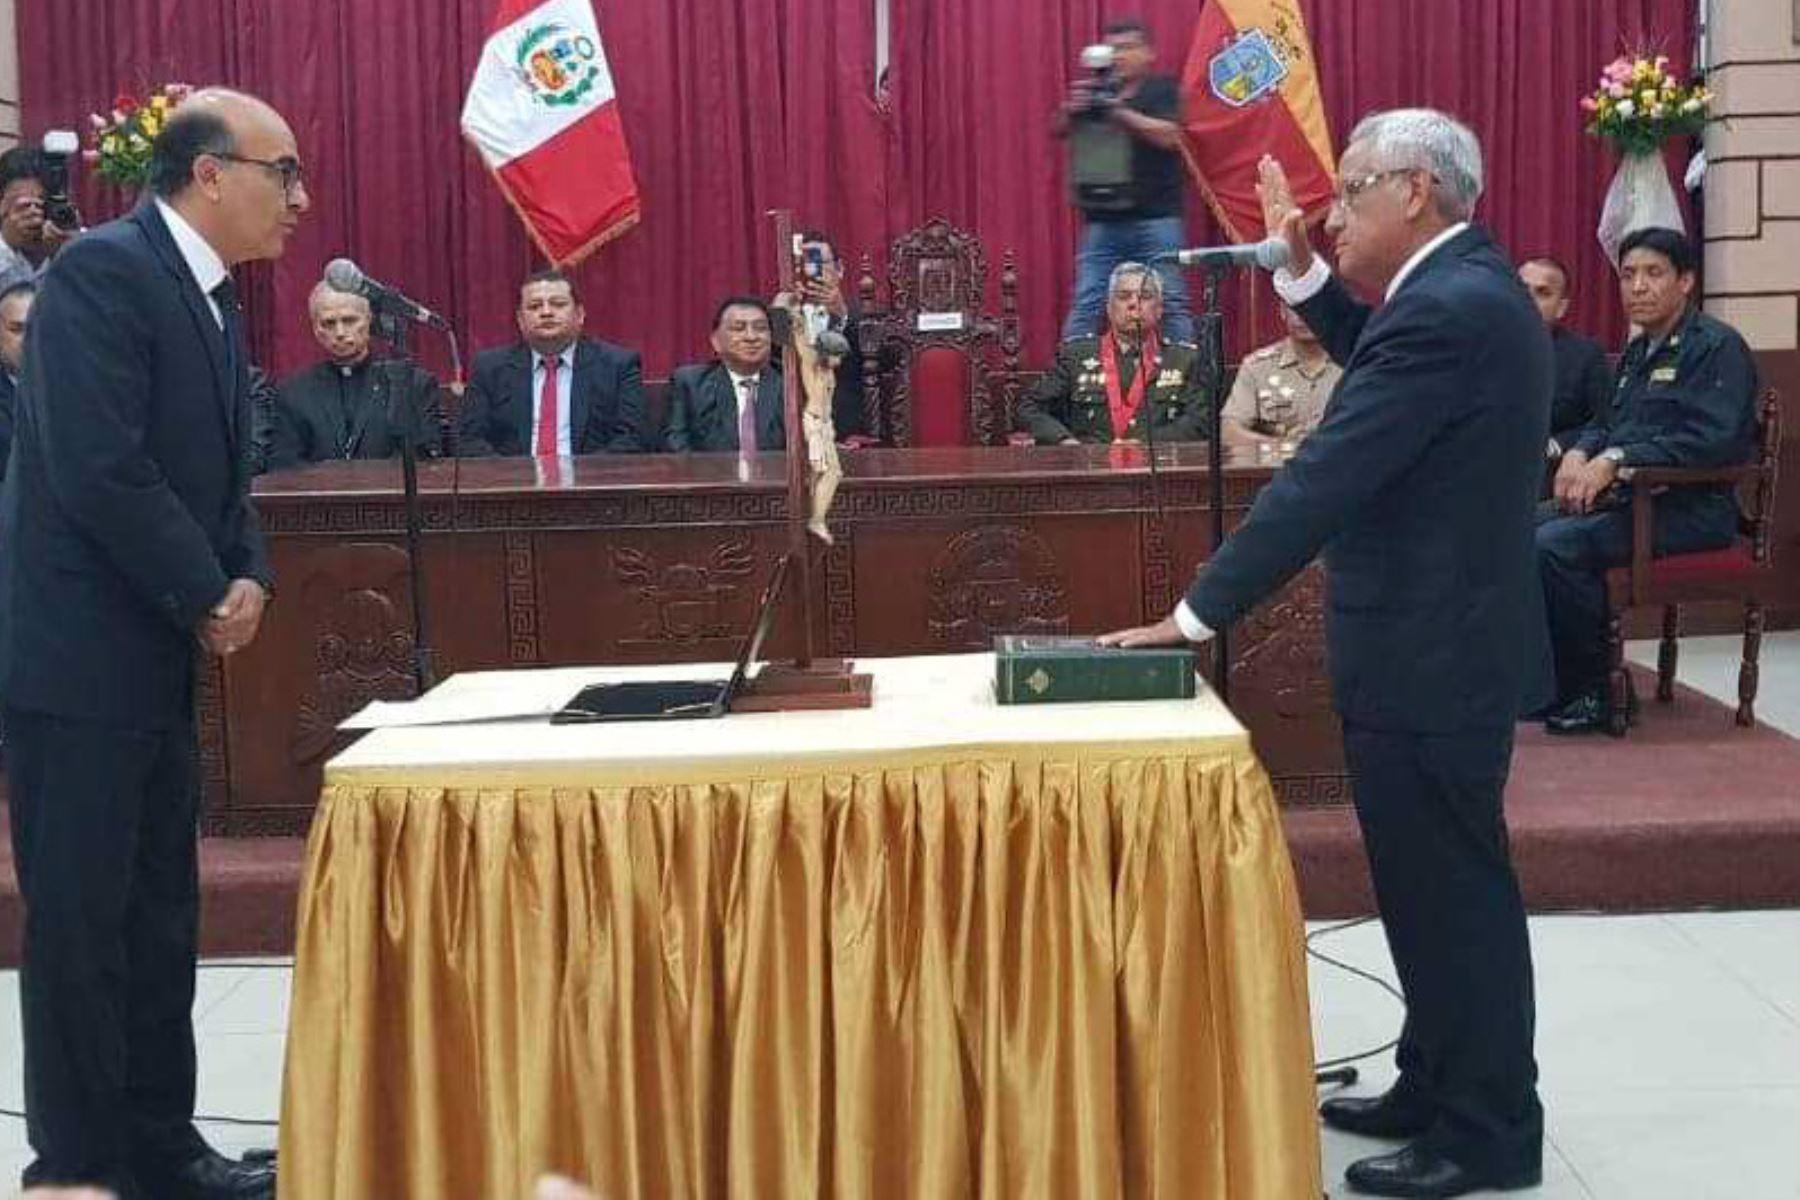 Anselmo Lozano Centurión asumió hoy el cargo como gobernador regional de Lambayeque para el período 2019-2022 y se comprometió a lograr un desarrollo sostenido con el apoyo de la población, trabajadores y organizaciones de la sociedad civil, a fin de mejorar la calidad de vida de los habitantes de este departamento del norte peruano.